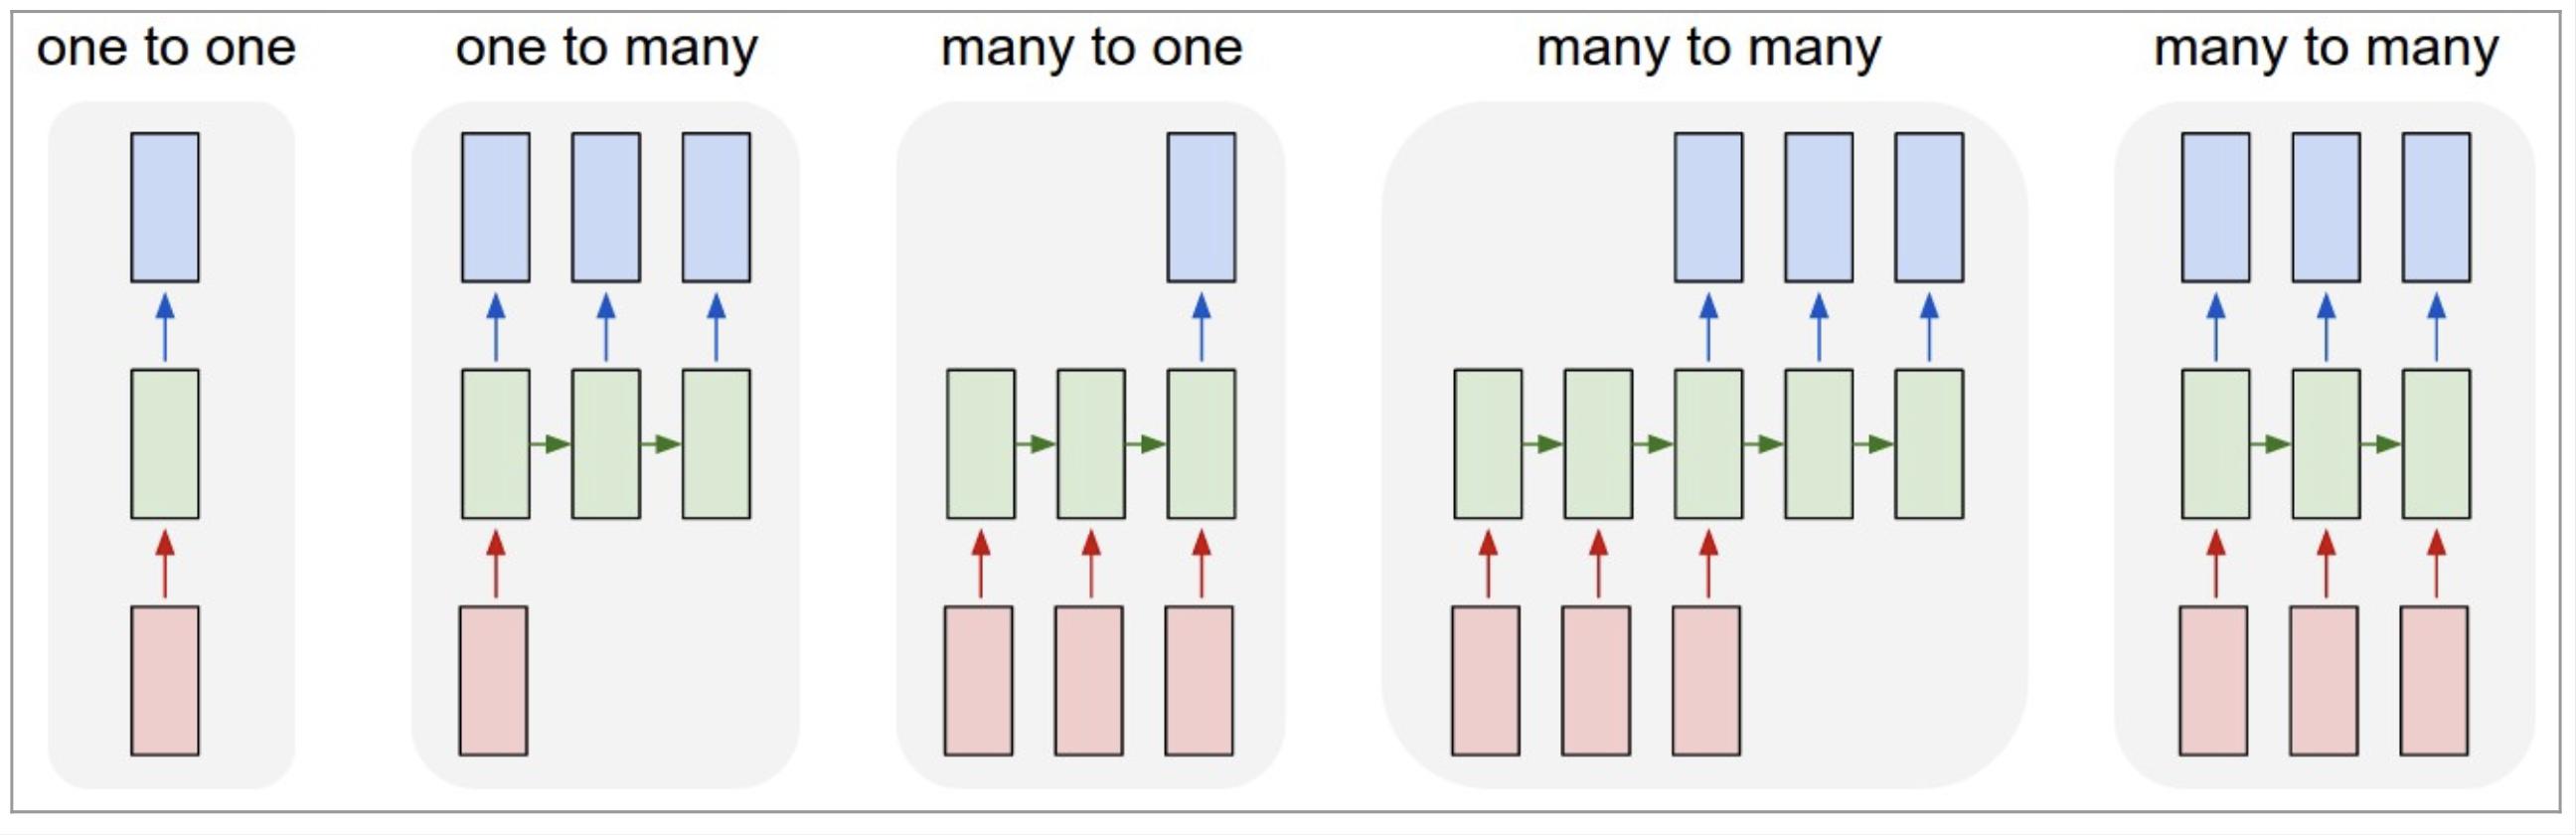 딥러닝 - Recurrent Neural Network (RNN) 이해하기 - MNIST 숫자 인식